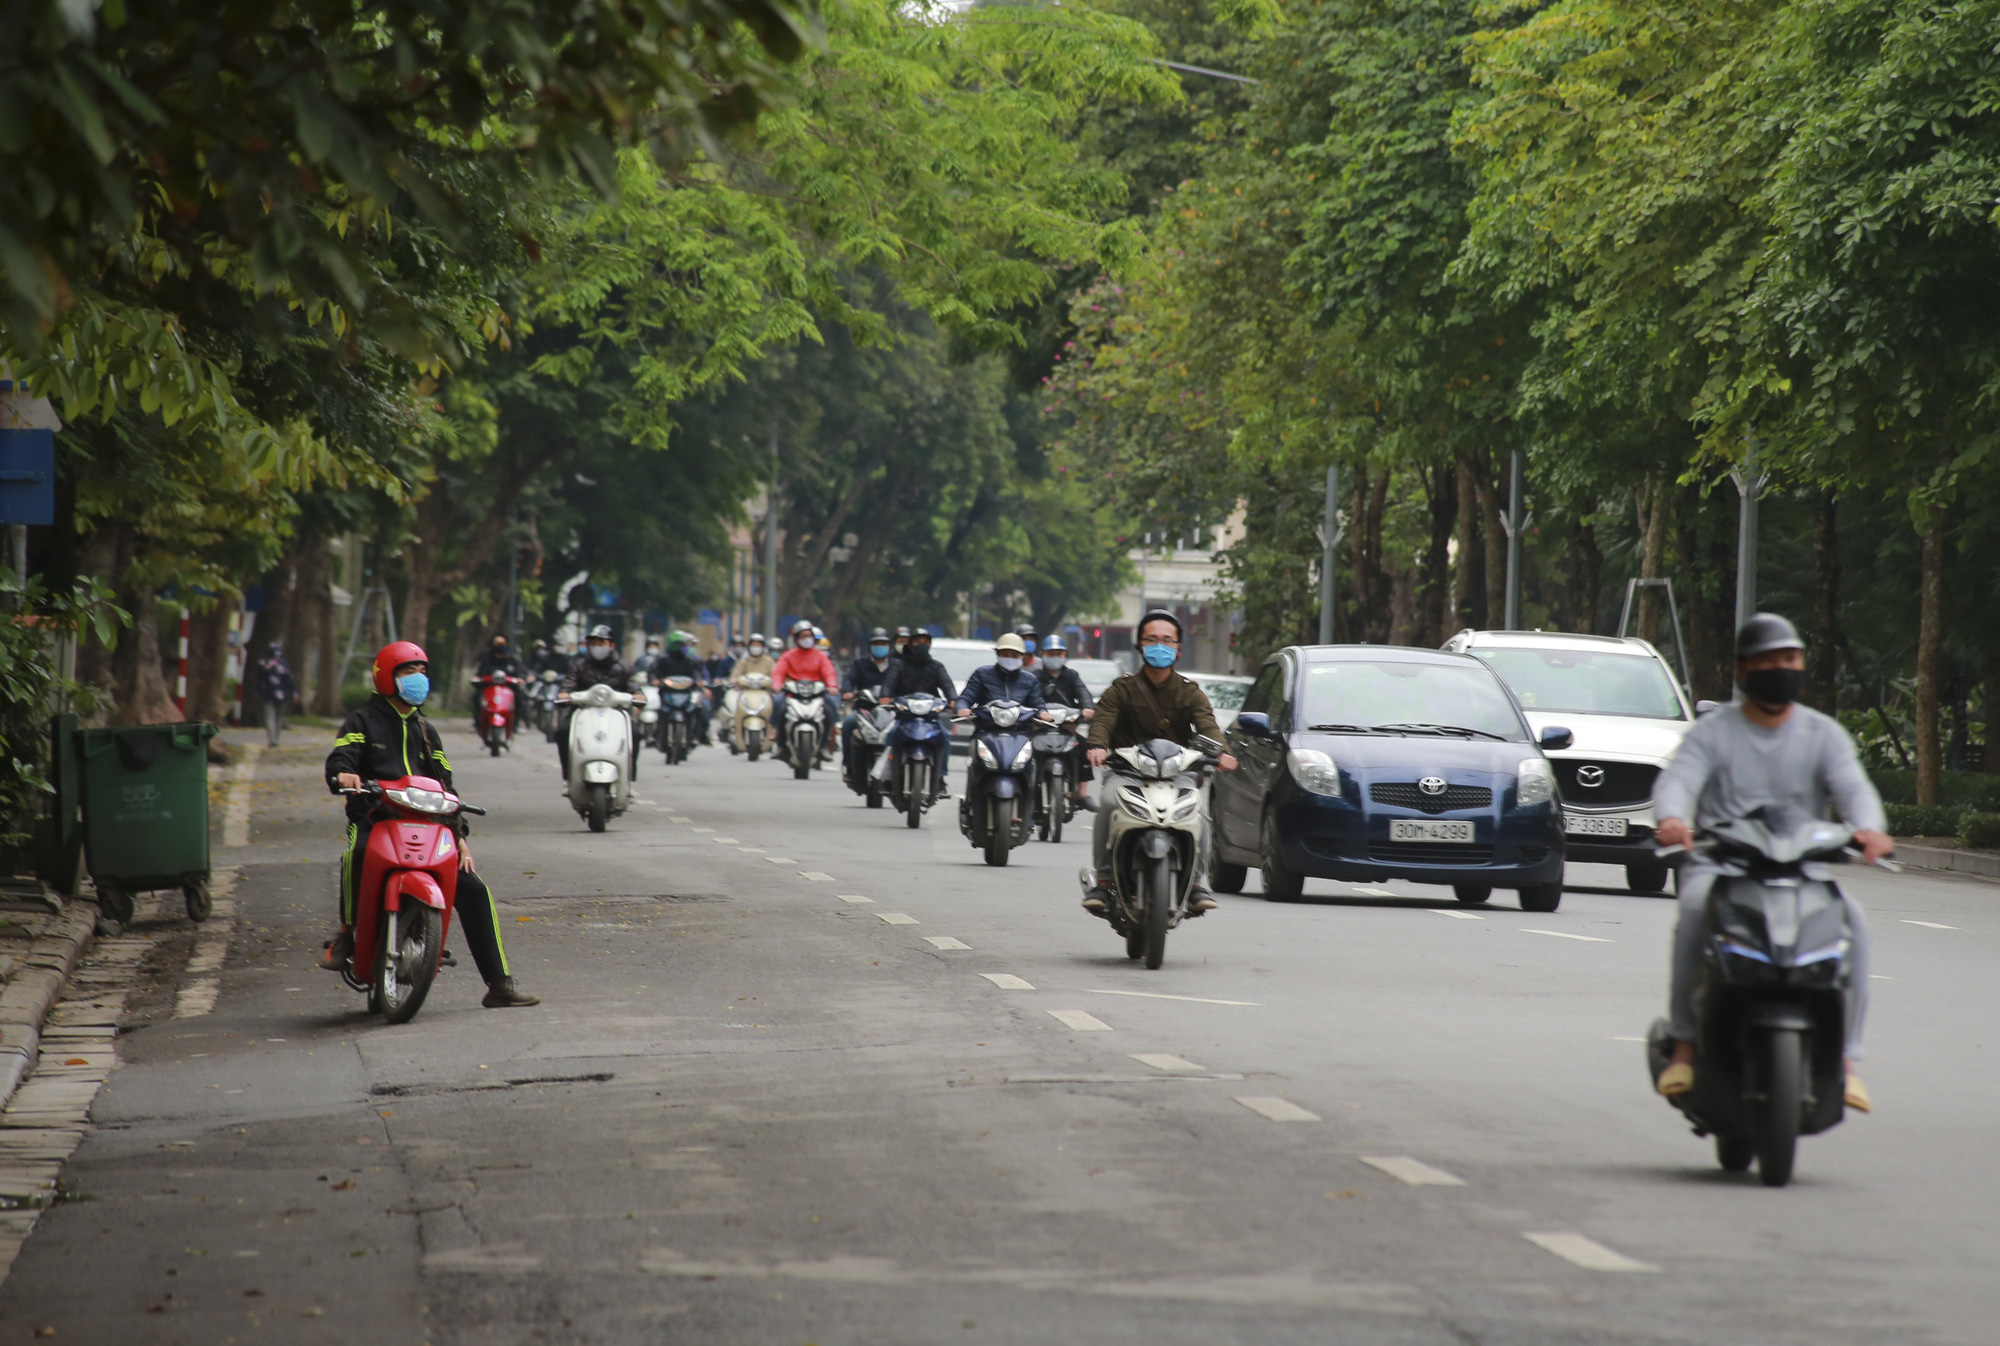 Hà Nội: Hàng trăm người dân đi tập thể dục bị nhắc nhở quay về nhà - Ảnh 2.